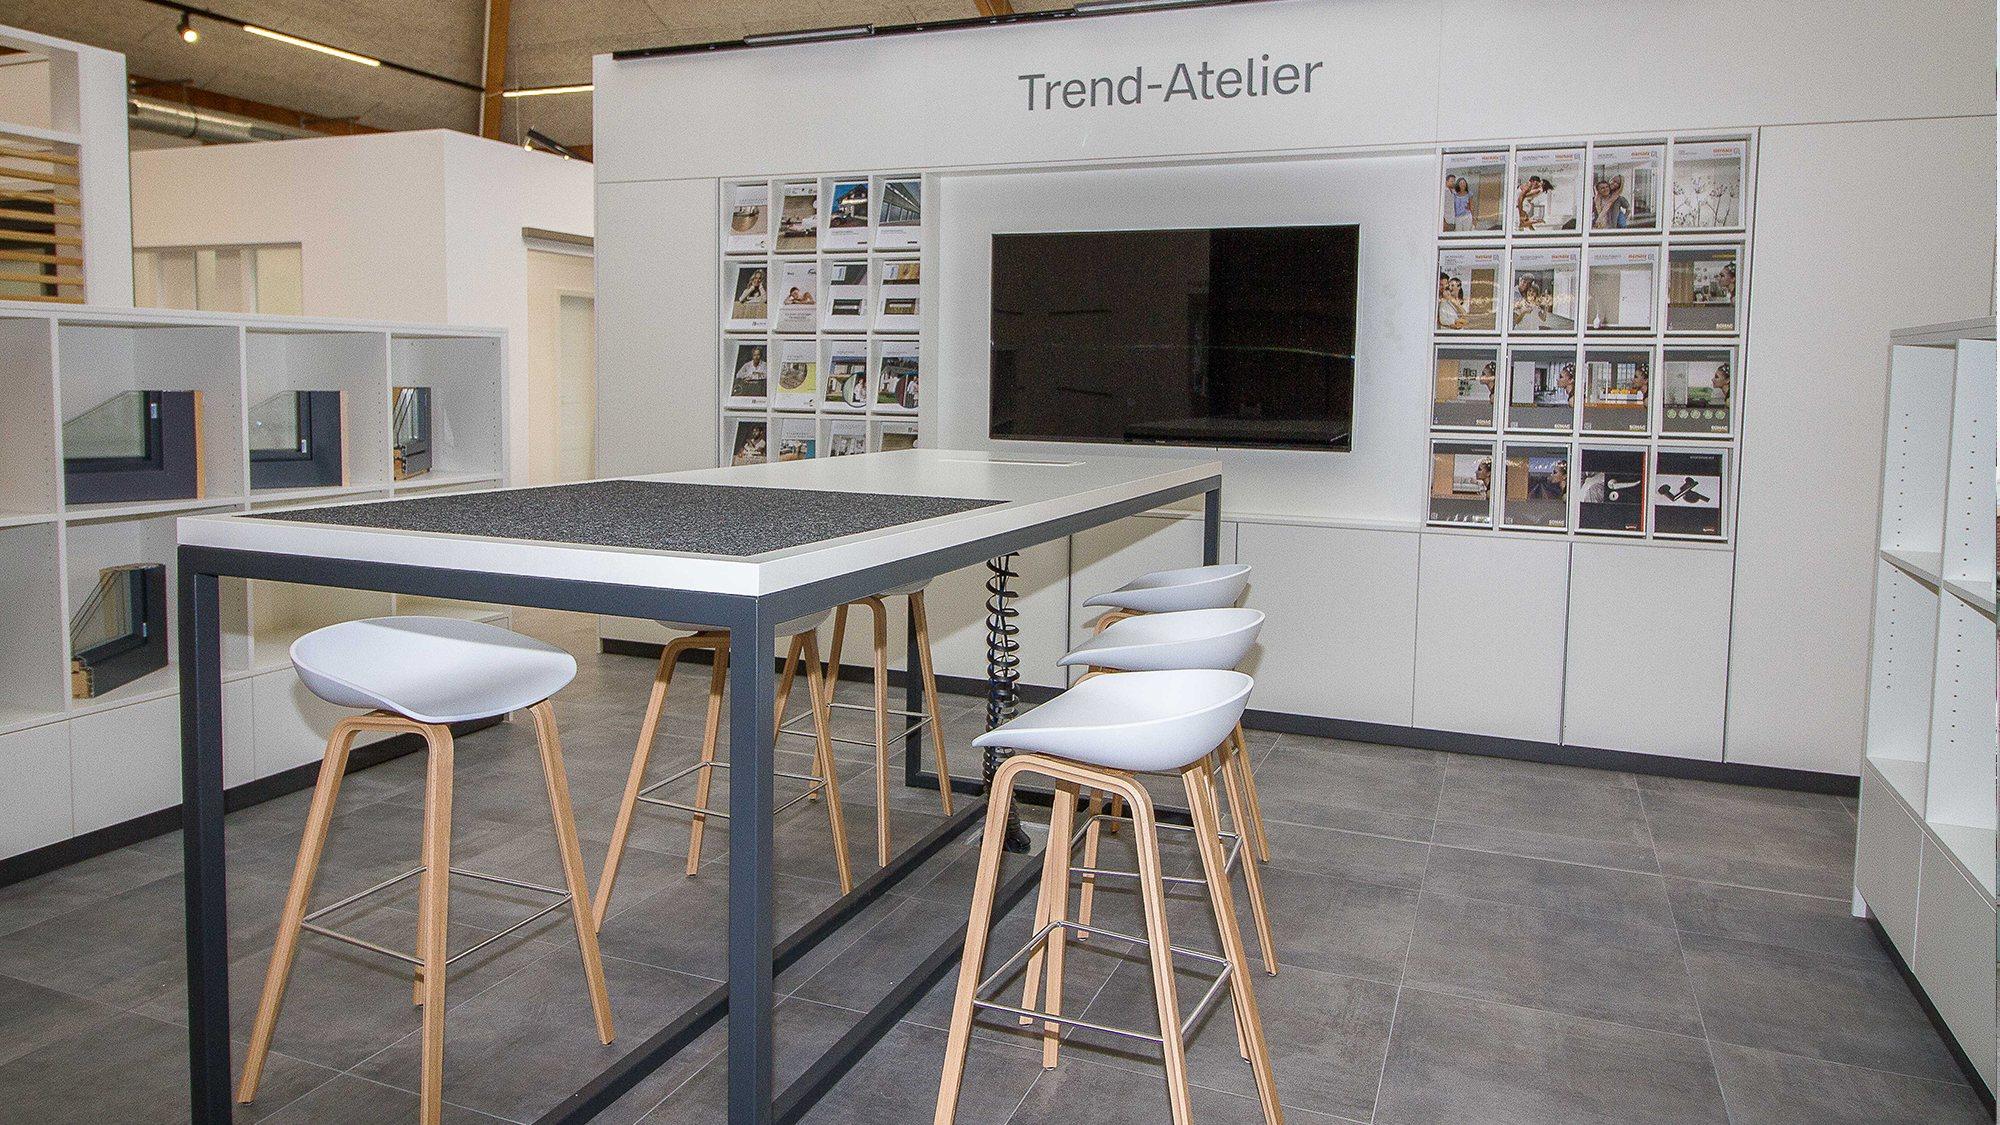 Landshut_Trend-Atelier_2000x1125.png